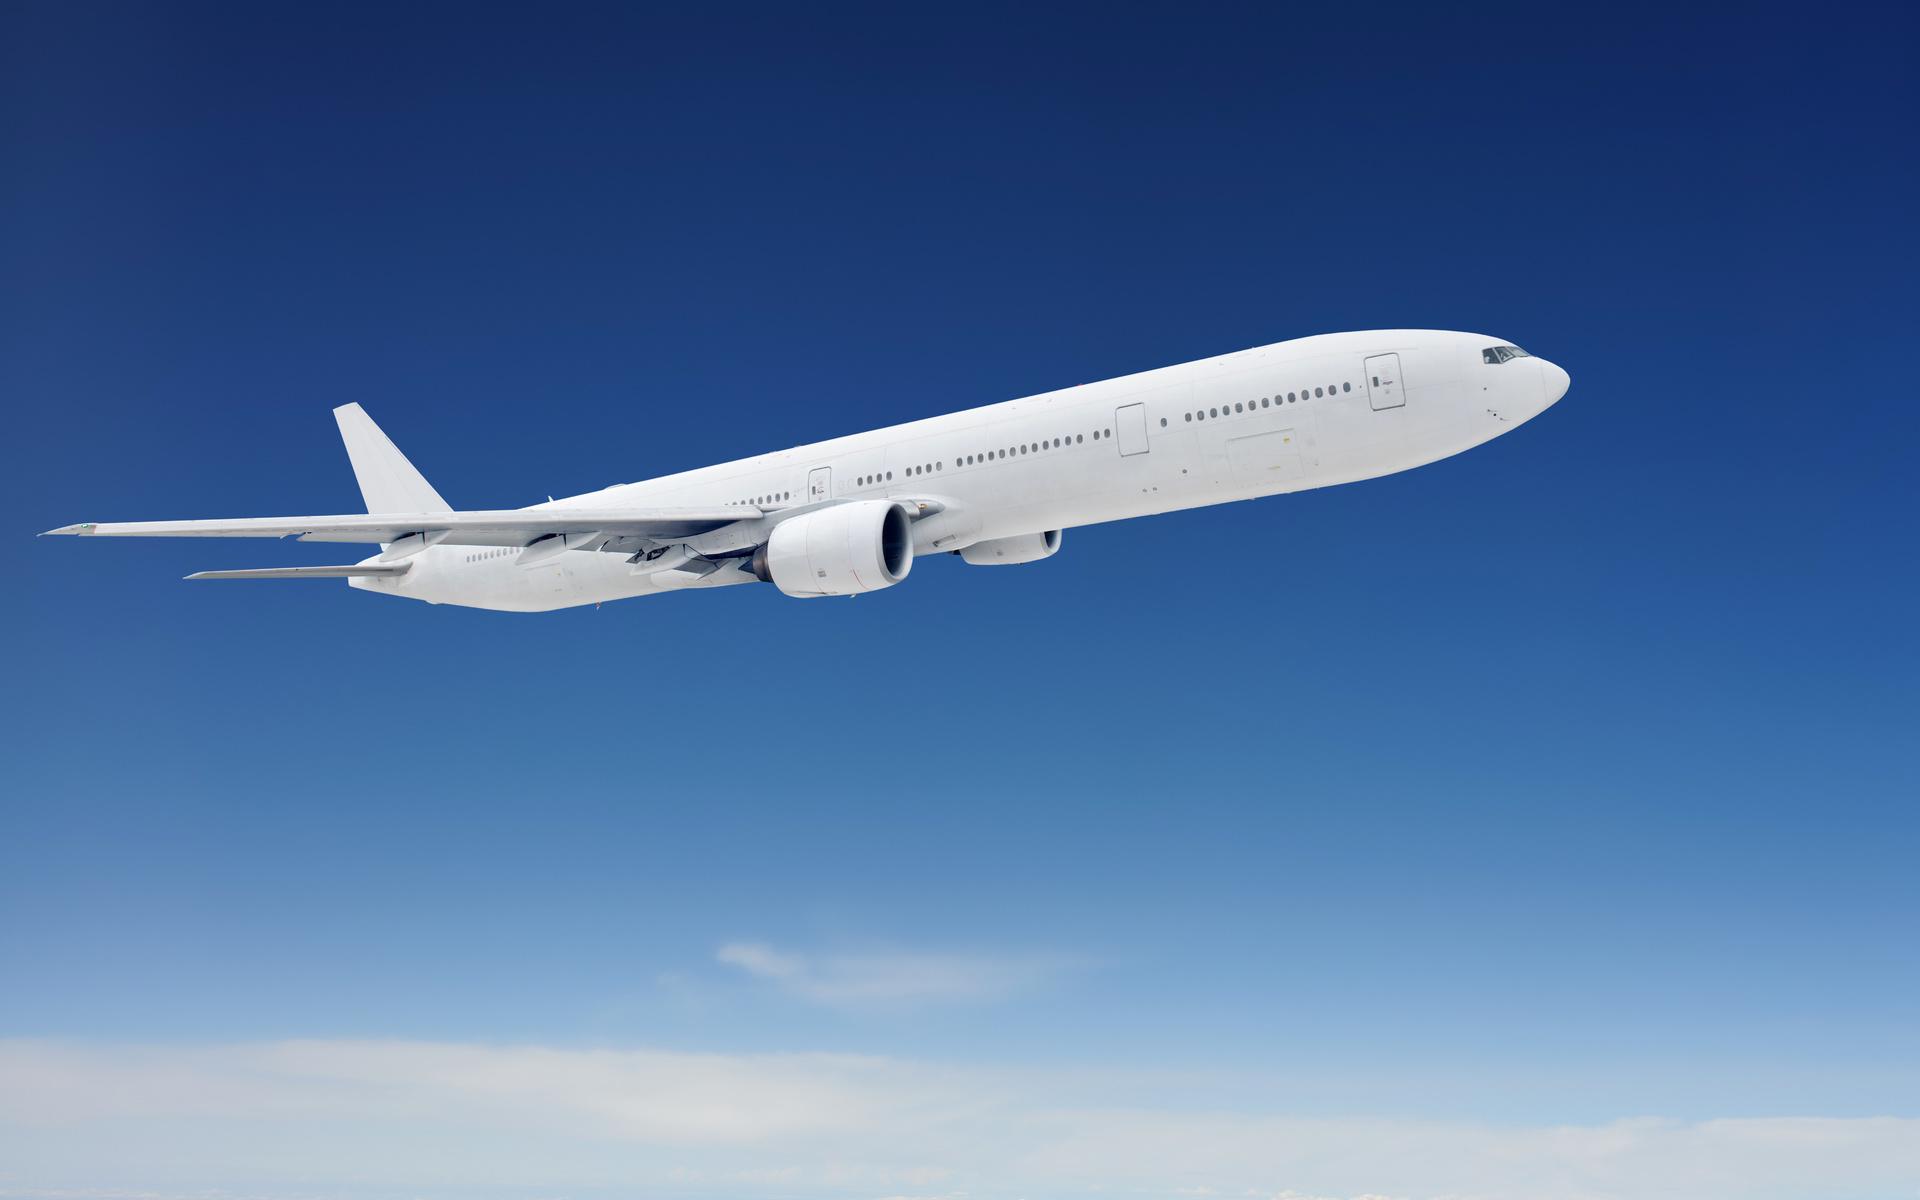 самолет, полет, скорость, красиво, небо